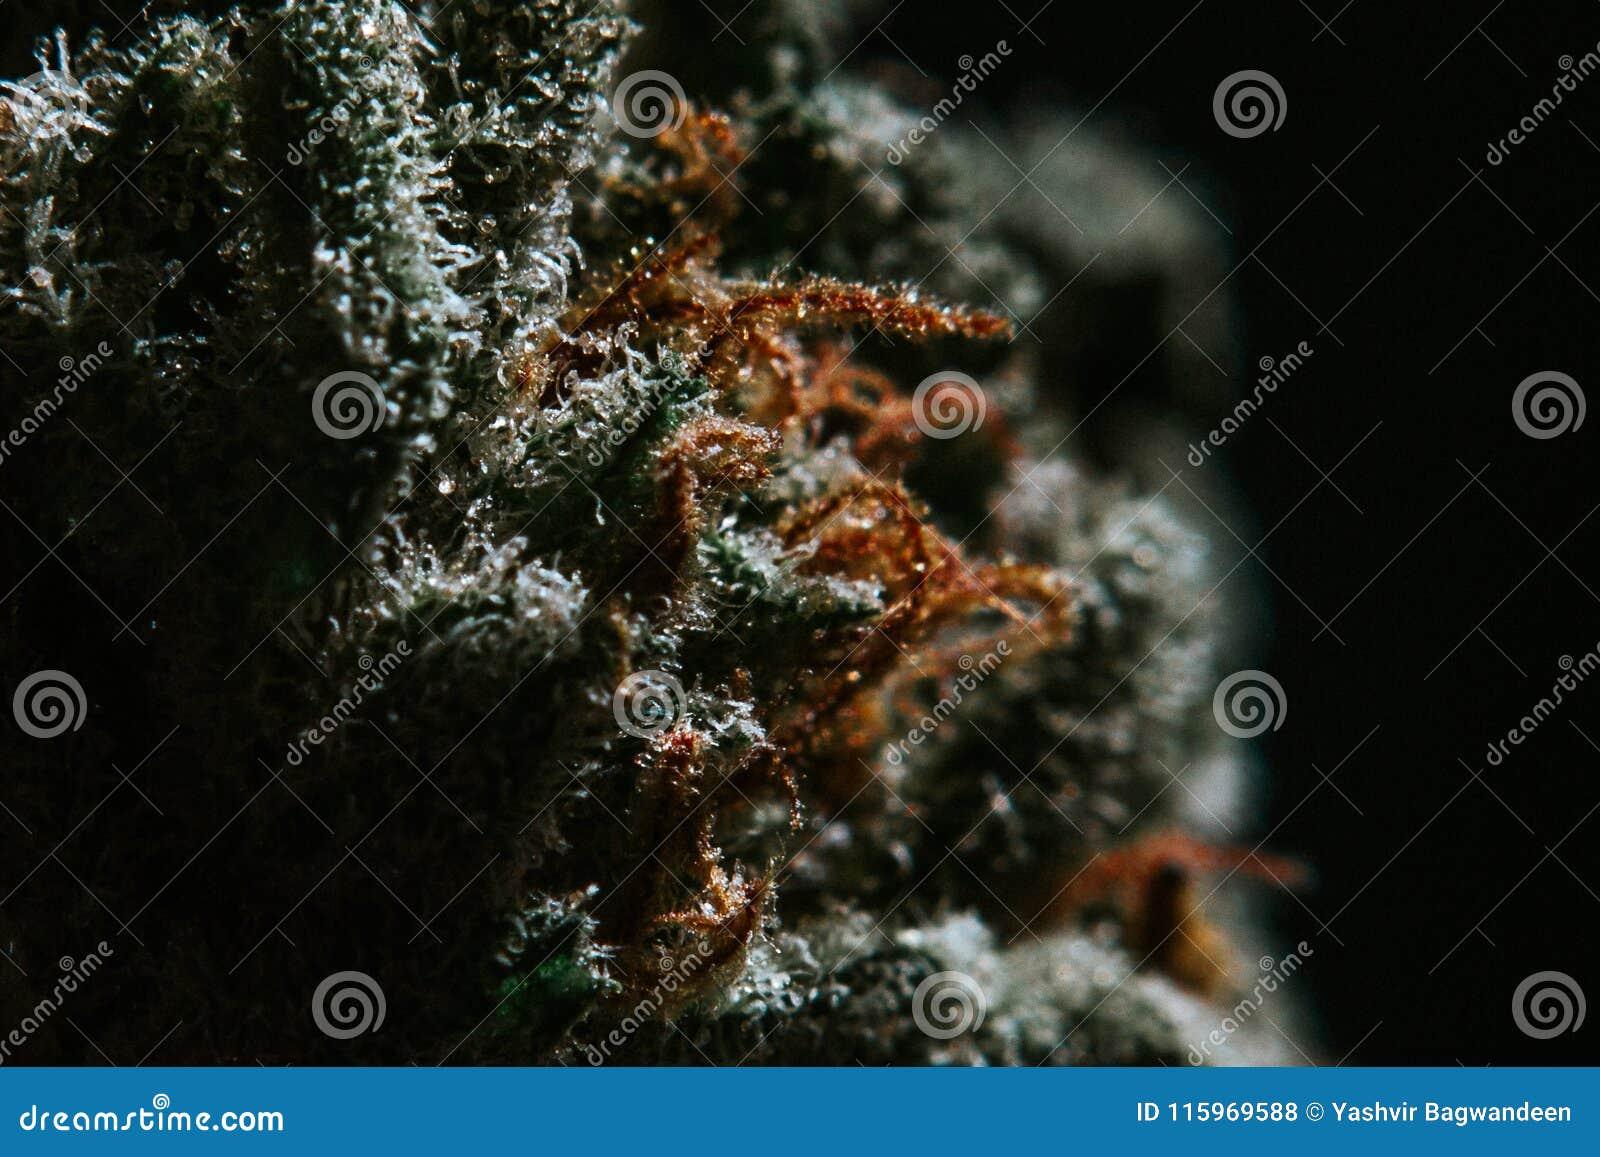 Marijuana médica, cáñamo, Sativa, Indica, Trichomes, THC, CBD, curación del cáncer, mala hierba, flor, cáñamo, gramo, brote